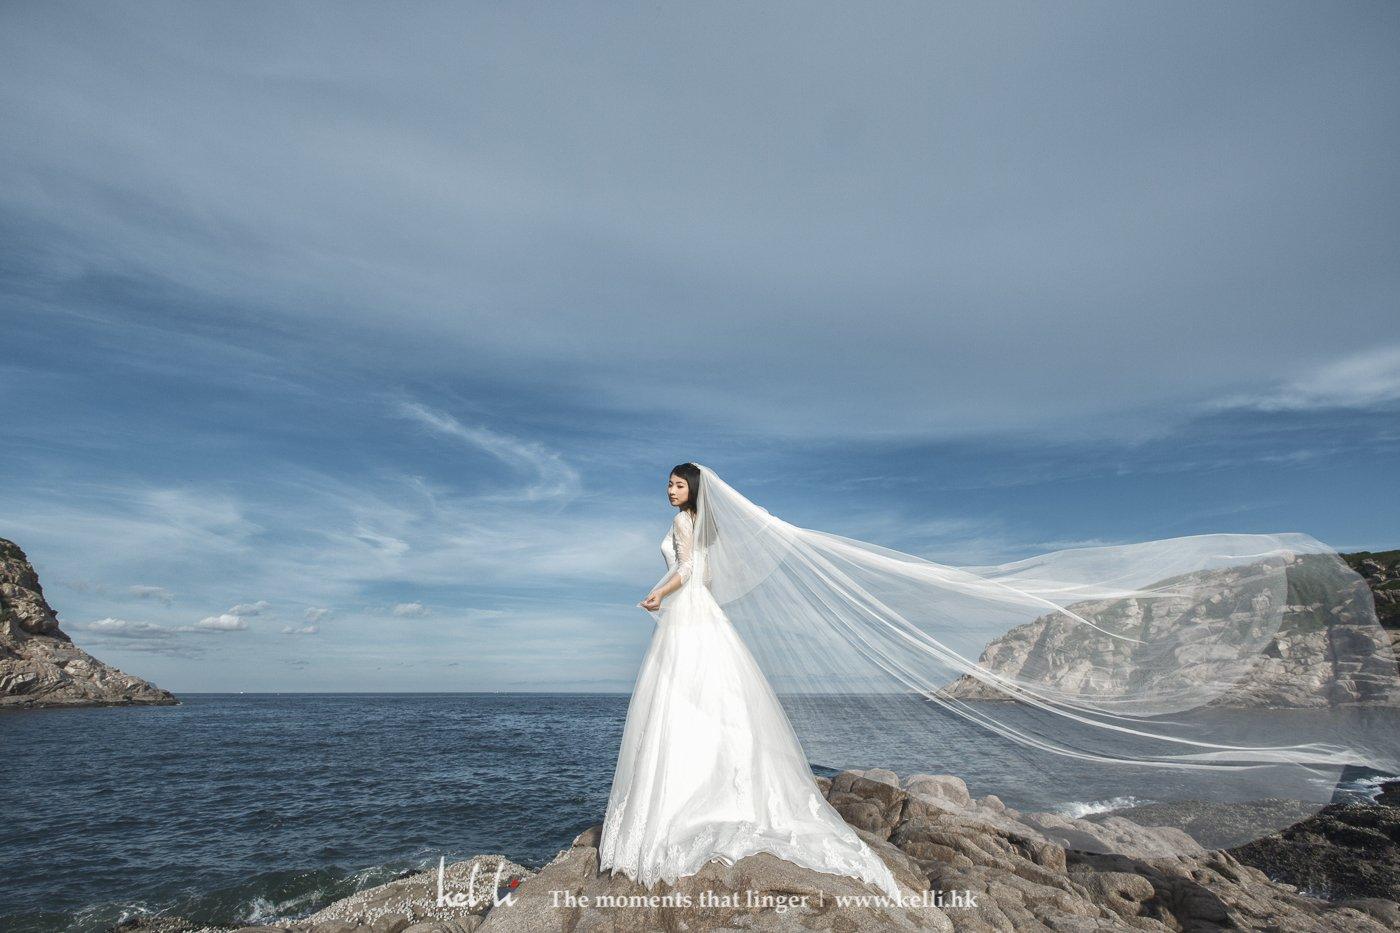 对于头纱我们很讲完,因为好的头纱在拍摄上更能带出那种飘逸及轻盈,所以每次拍摄婚纱照我们都能带备长头纱作拍摄之用。